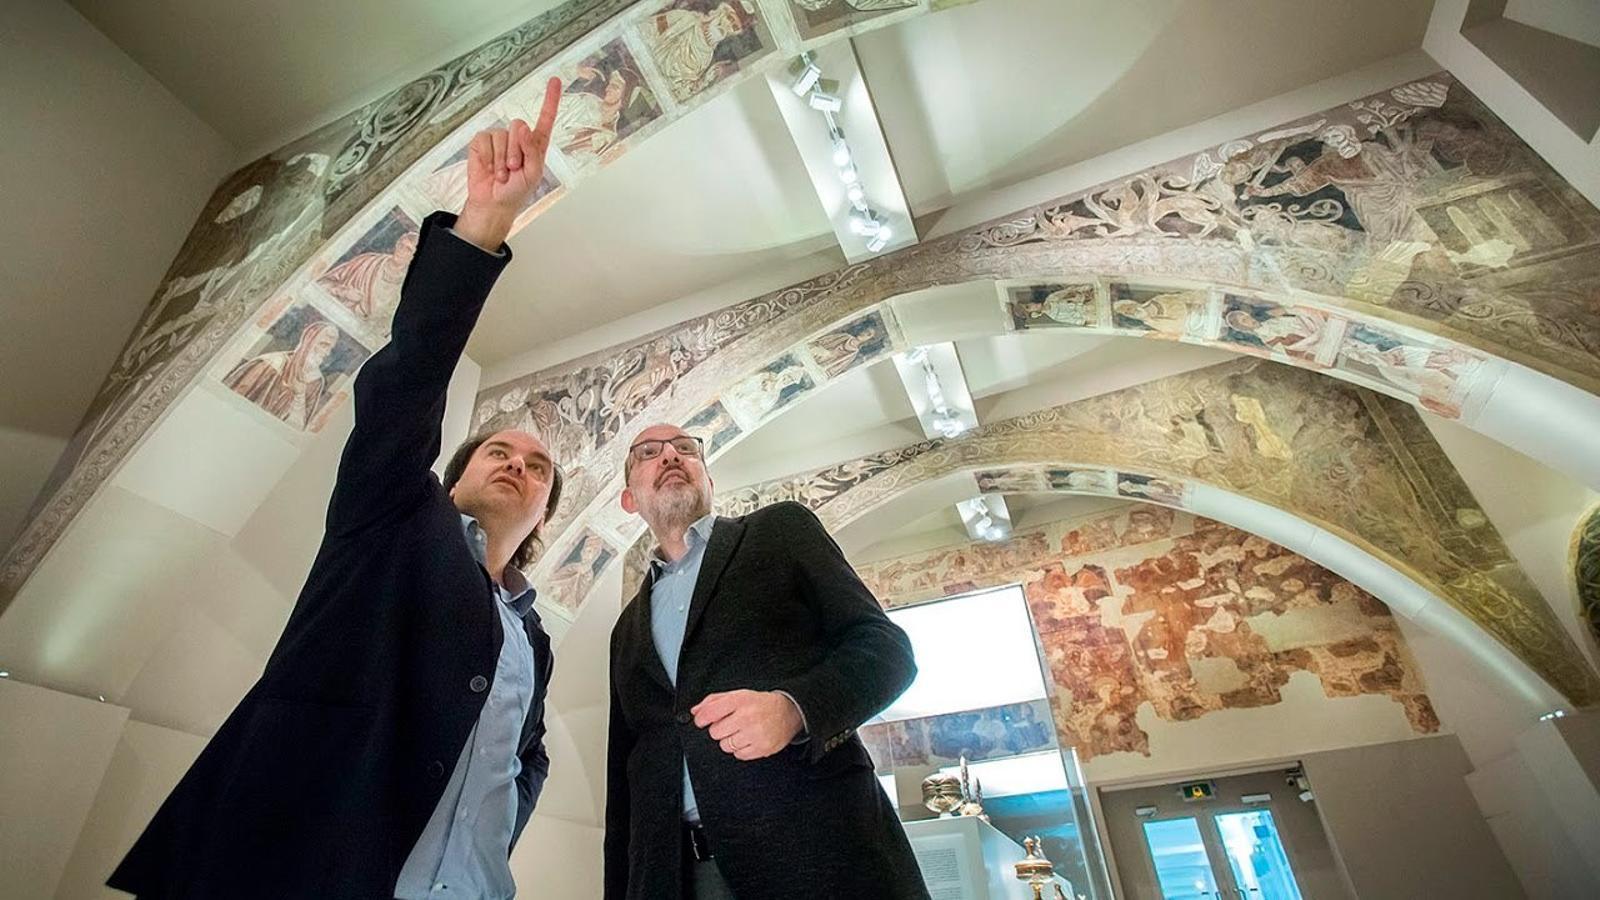 El litigi de les obres d'art de Sixena, des de Catalunya i des de l'Aragó